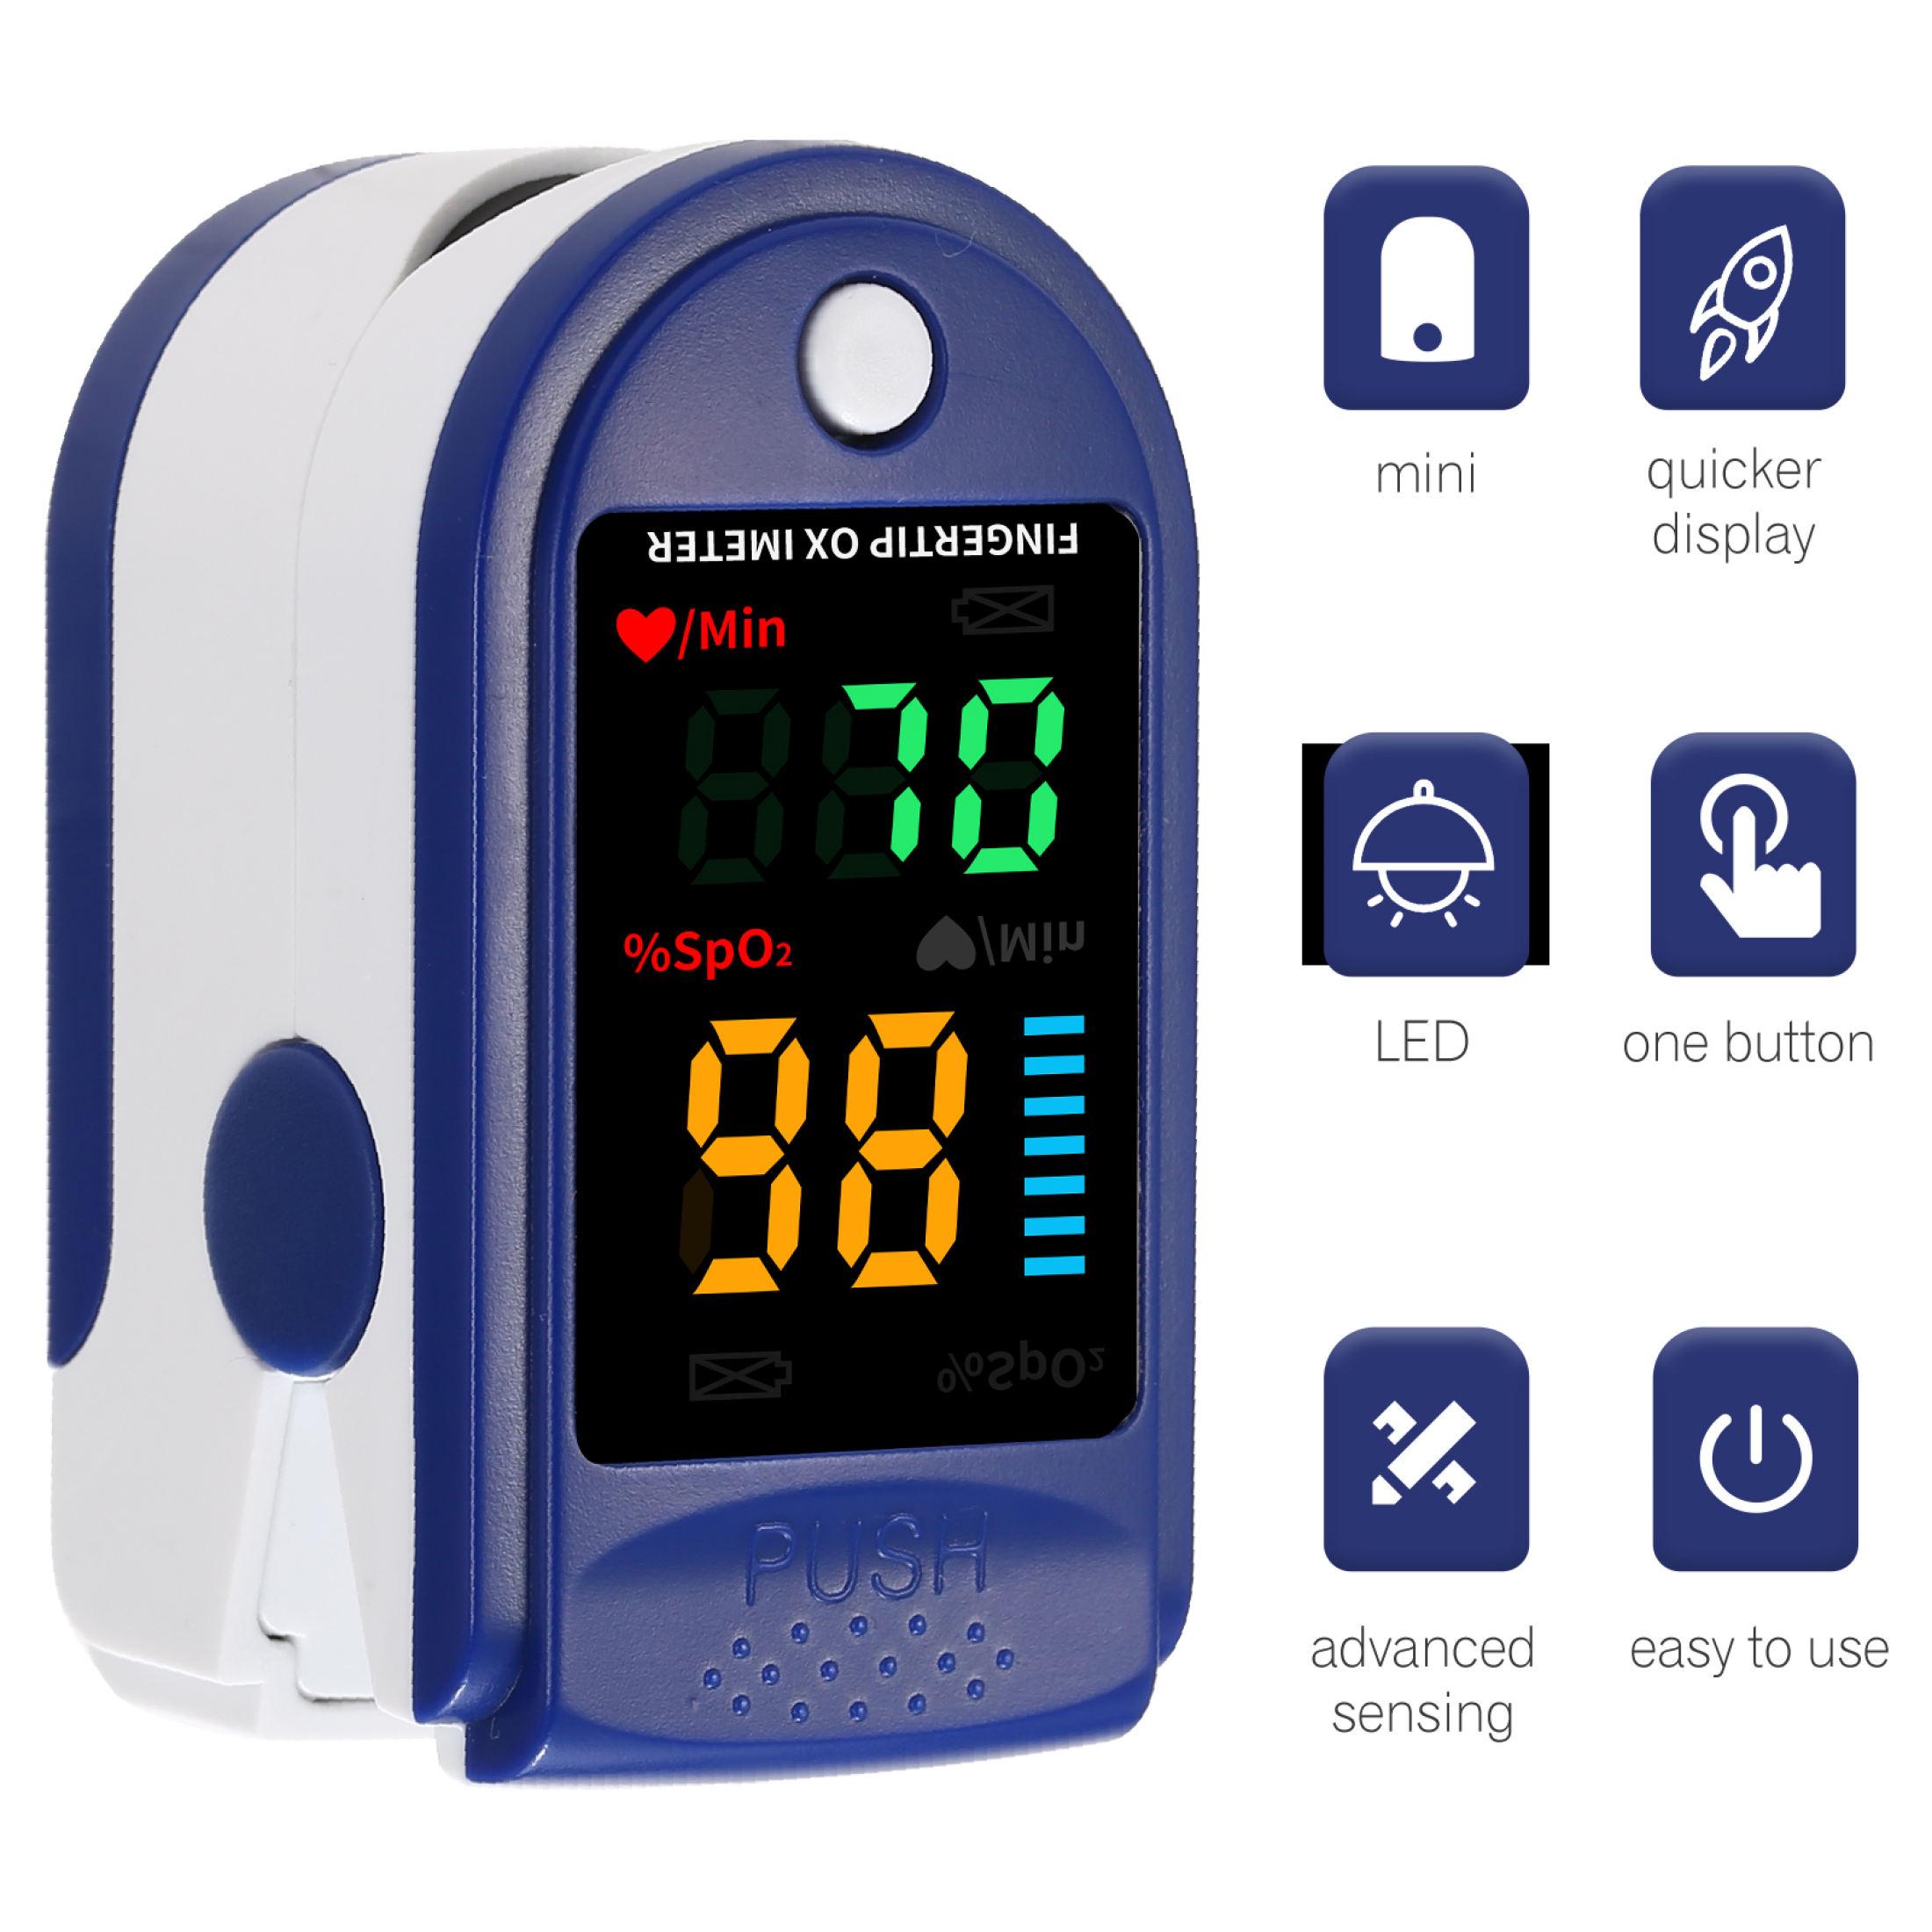 Máy đo SPO2, Máy đo nồng độ Oxy trong máu chính hãng, Máy Đo Nồng Độ Oxy Xung Spo2, Máy Theo Dõi Nhịp Tim, Độ Bão Hòa Oxy Trong Máu Với Màn Hình OLED, dây buộc Cho trẻ em và người lớn